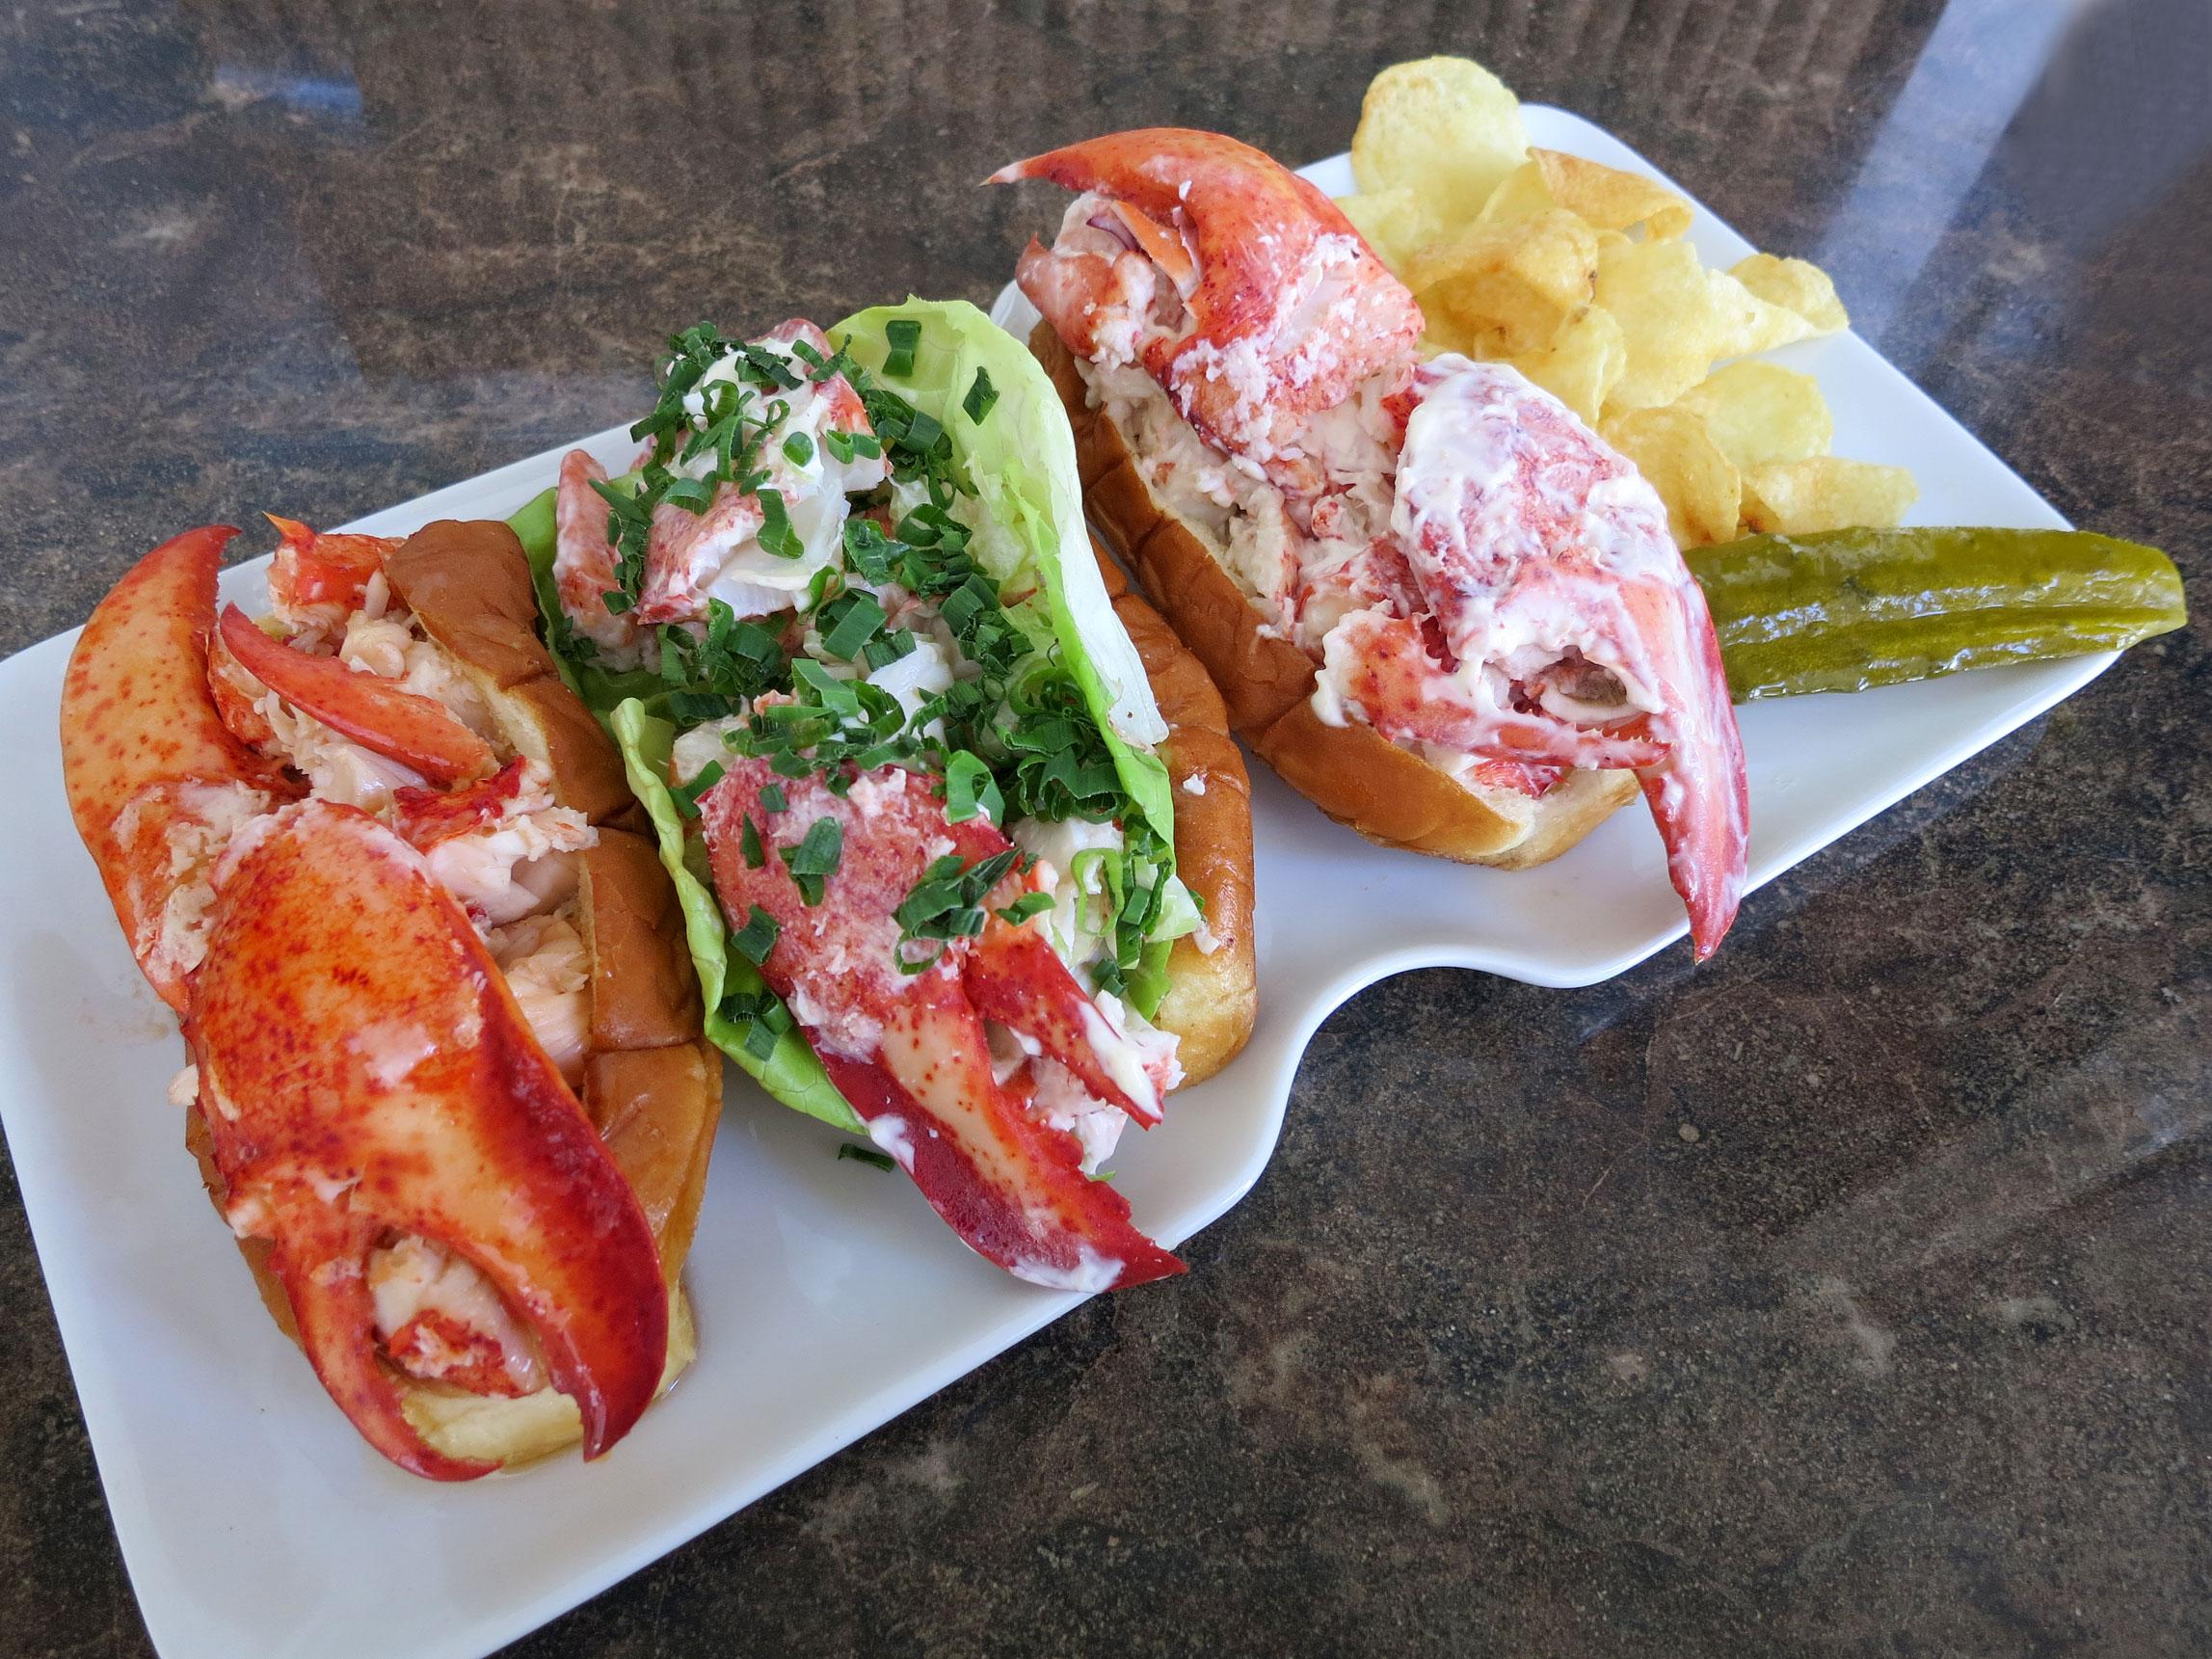 Lobster Roll Mcdonalds Ken Lobster Rolls Left to